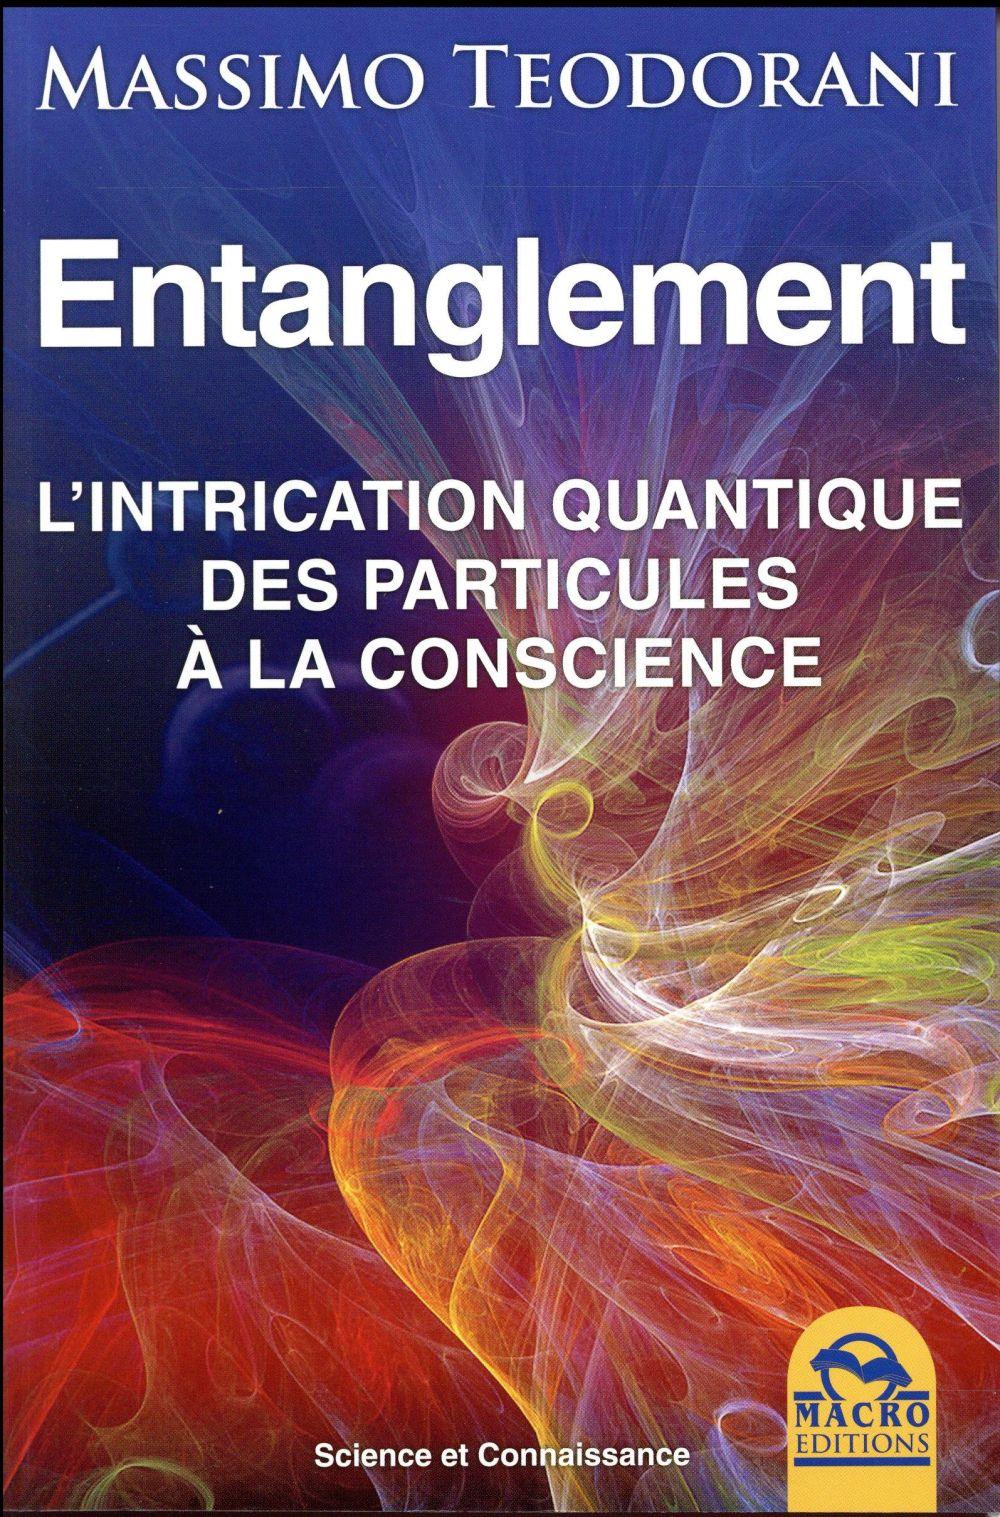 ENTANGLEMENT - L'INTRICATION QUANTIQUE DES PARTICULES A LA CONSCIENCE.